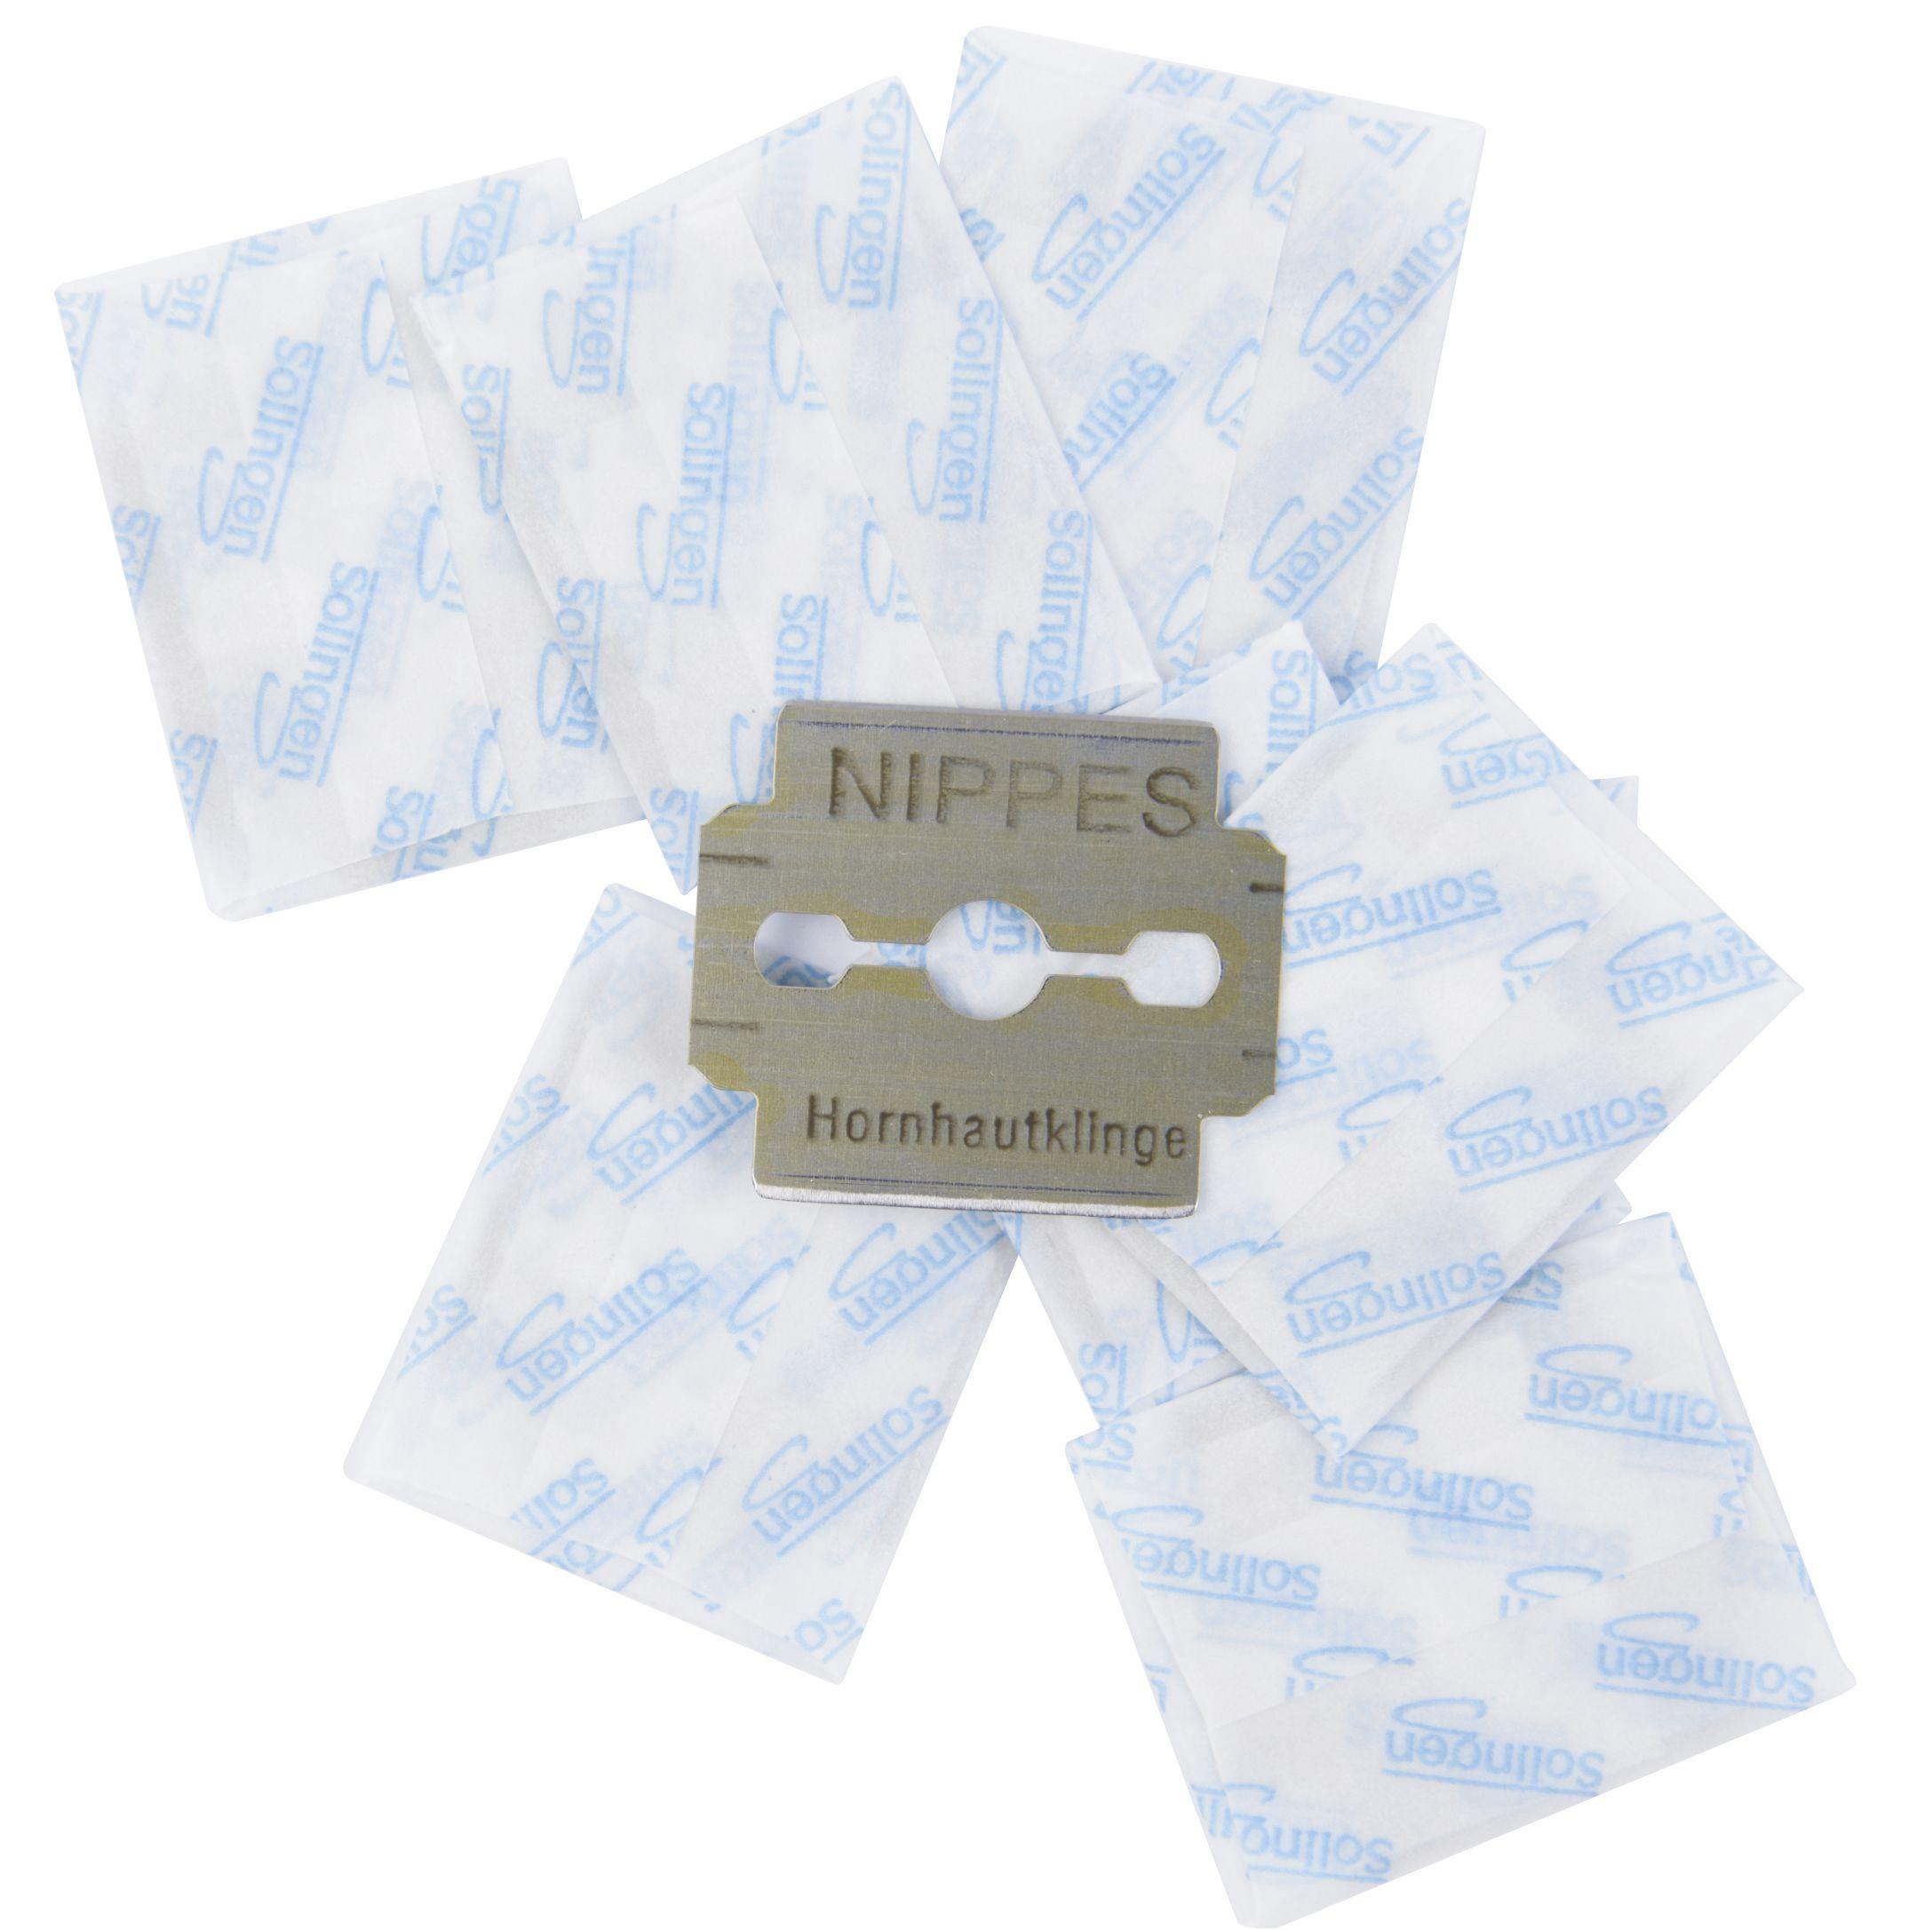 Nippes Solingen Žiletky pro seřezávač balíčky 2x10 ks